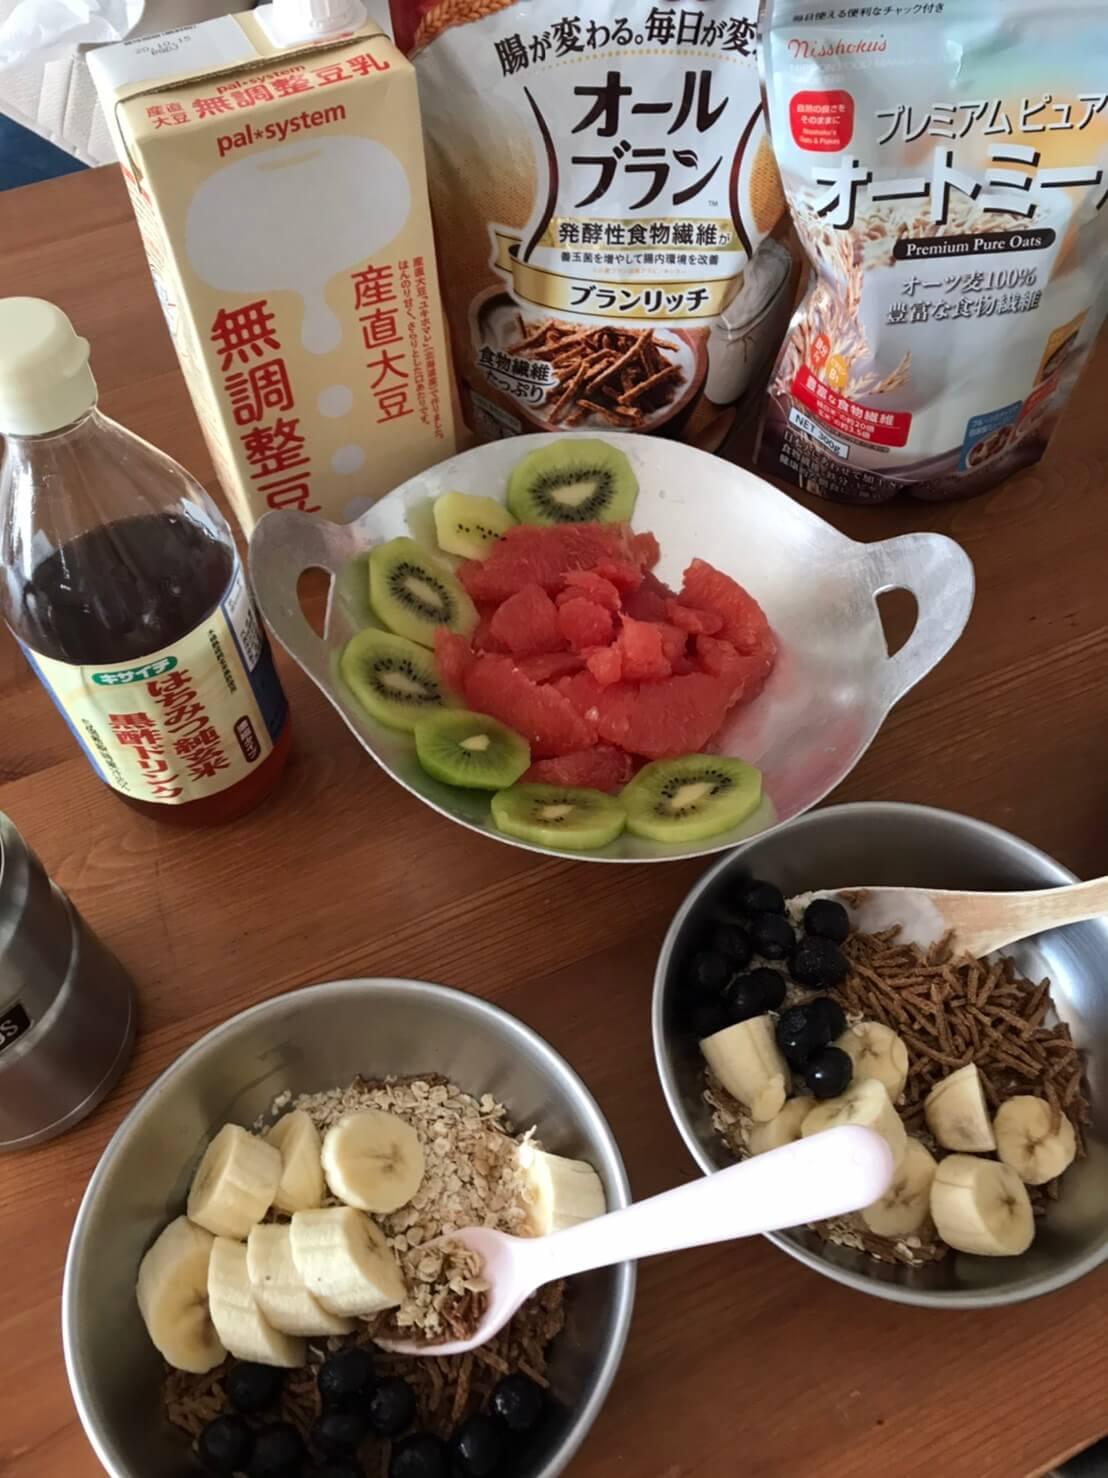 朝 ごはん ダイエット